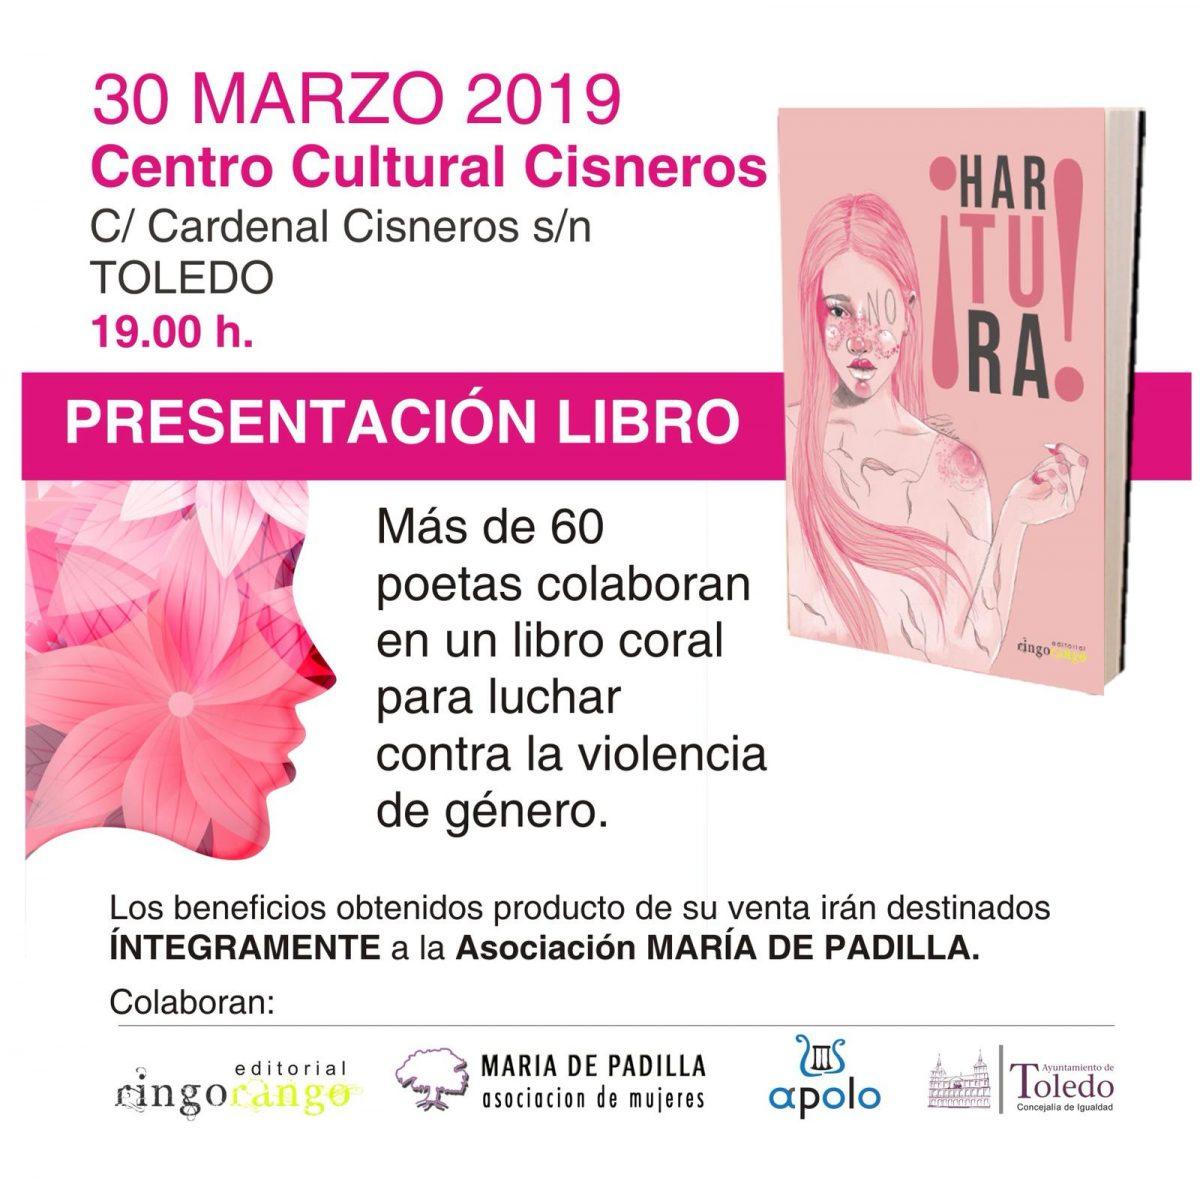 https://www.toledo.es/wp-content/uploads/2019/03/presentacion-libro-hartura-1200x1181.jpg. PRESENTACIÓN DEL LIBRO ¡HARTURA!